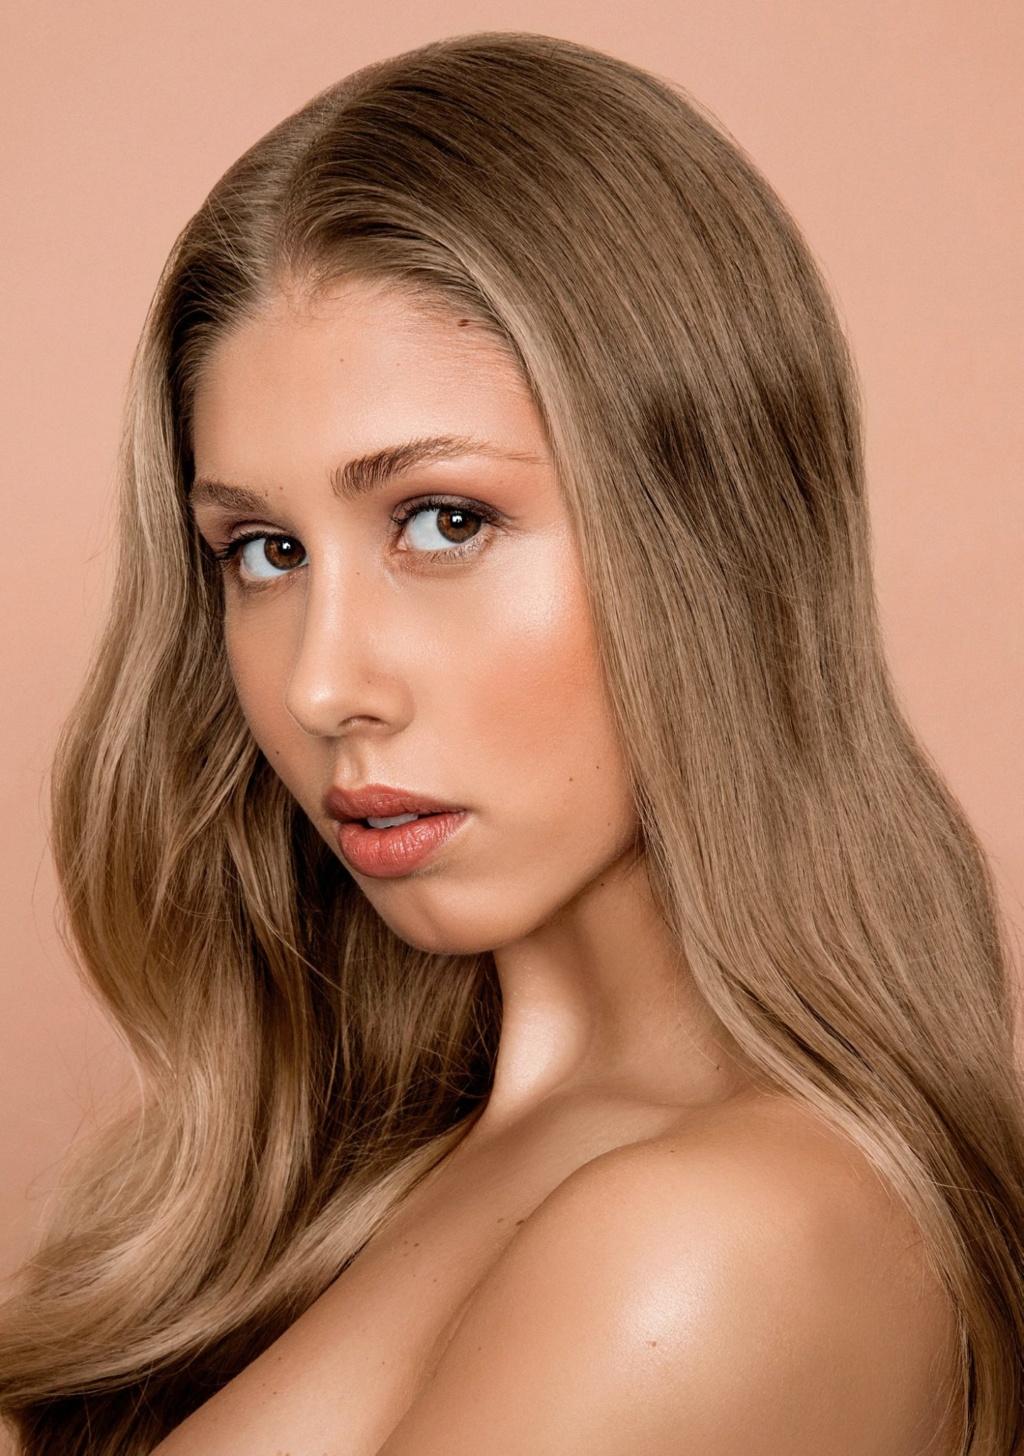 Miss Slovensko 2019 is Frederika Kurtulikova - Page 2 51278311